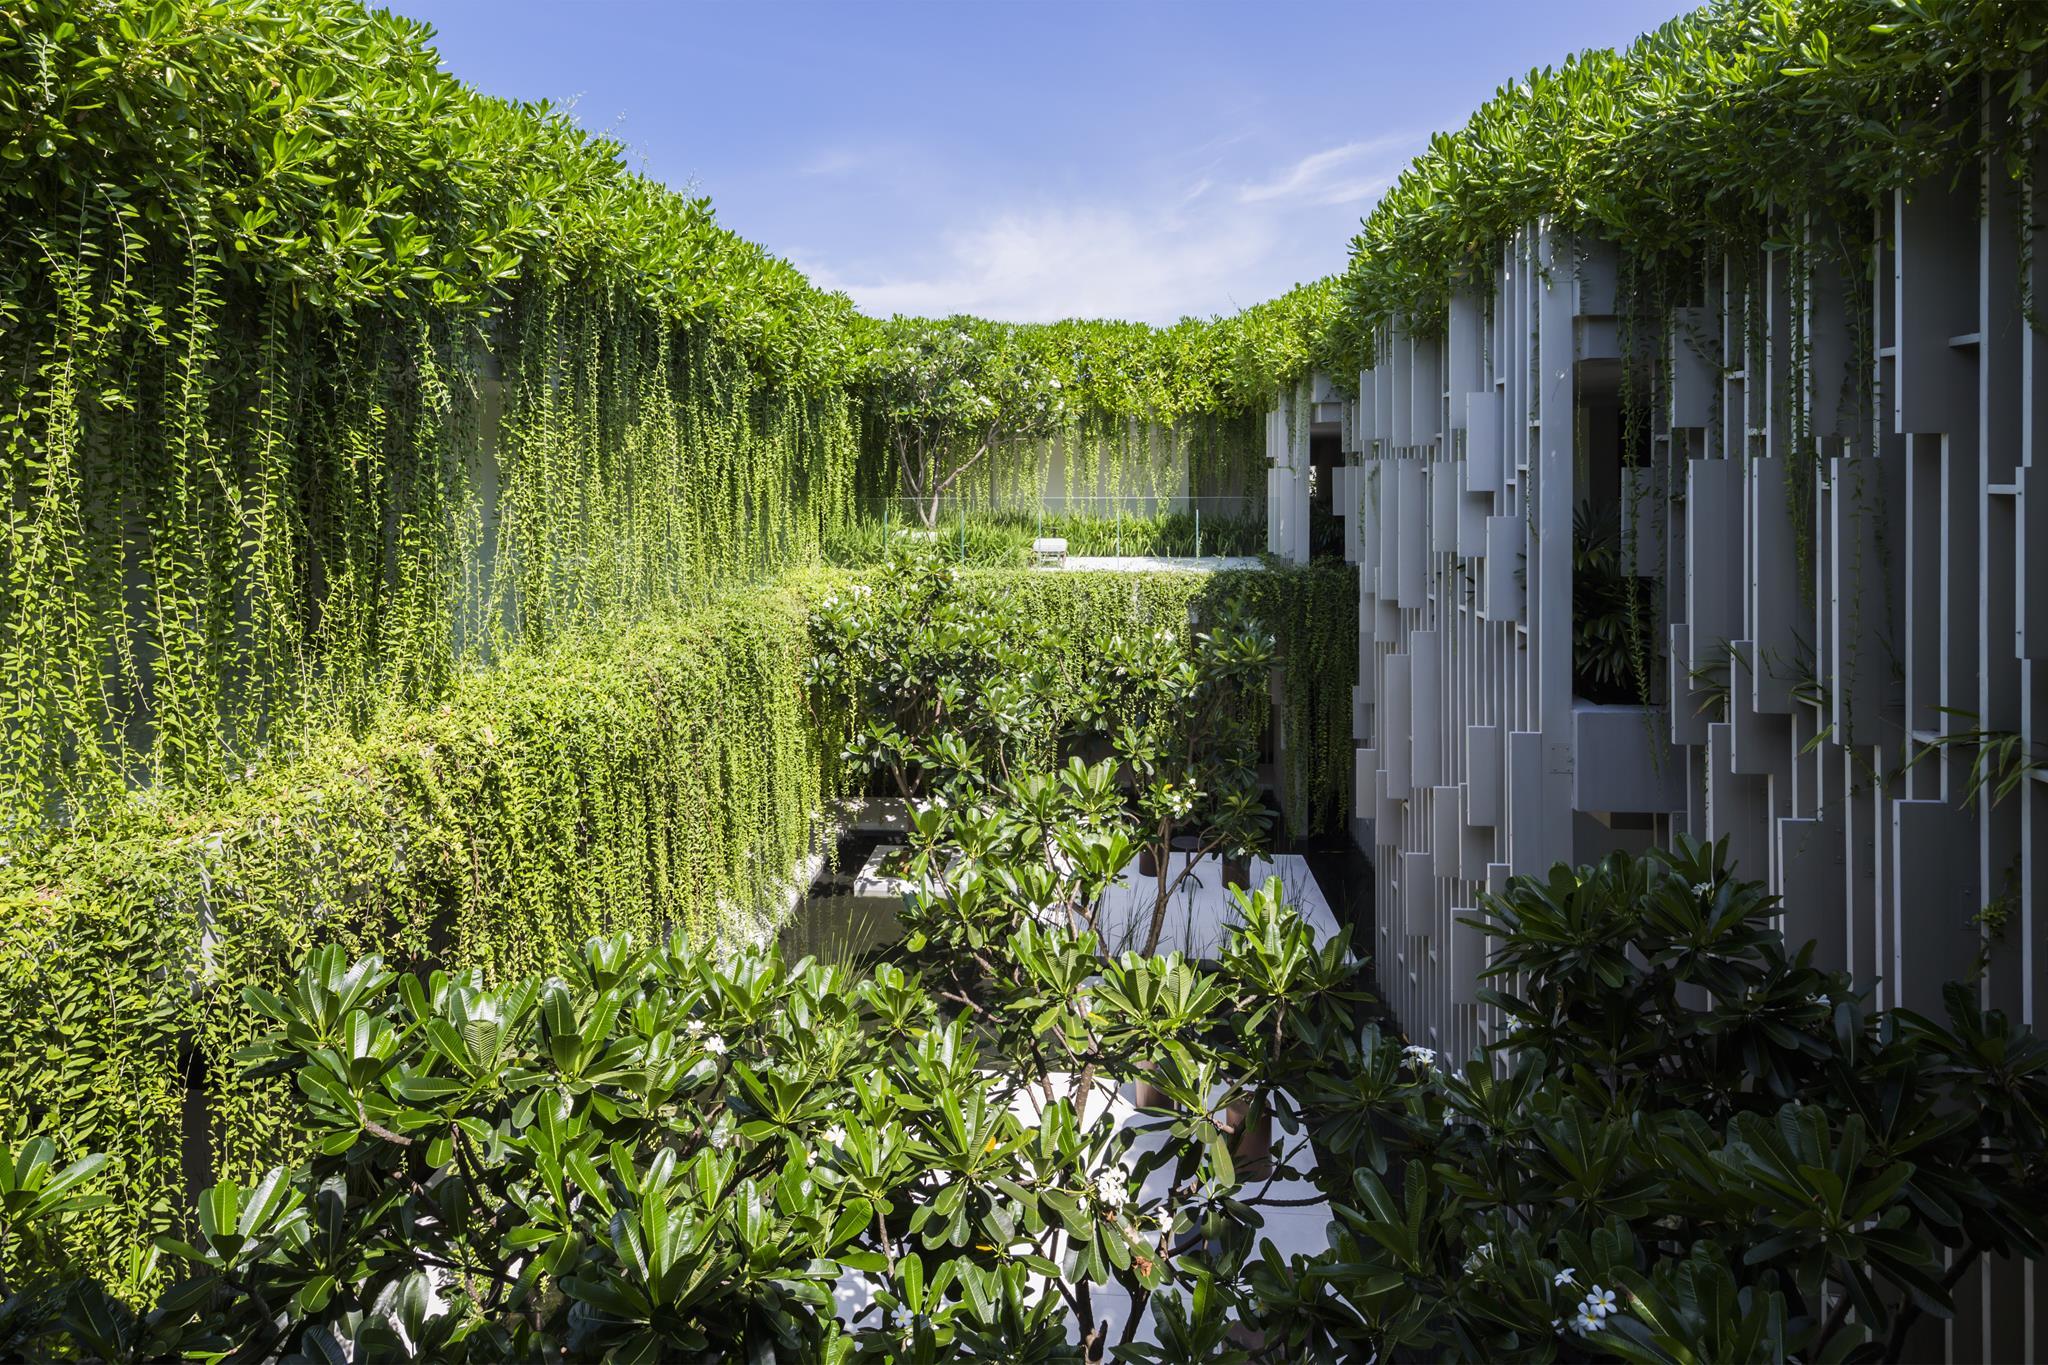 Không gian hòa hợp của thiên nhiên - kiến trúc - con người trong Naman Spa - Ảnh(c)Hirouyki Oki